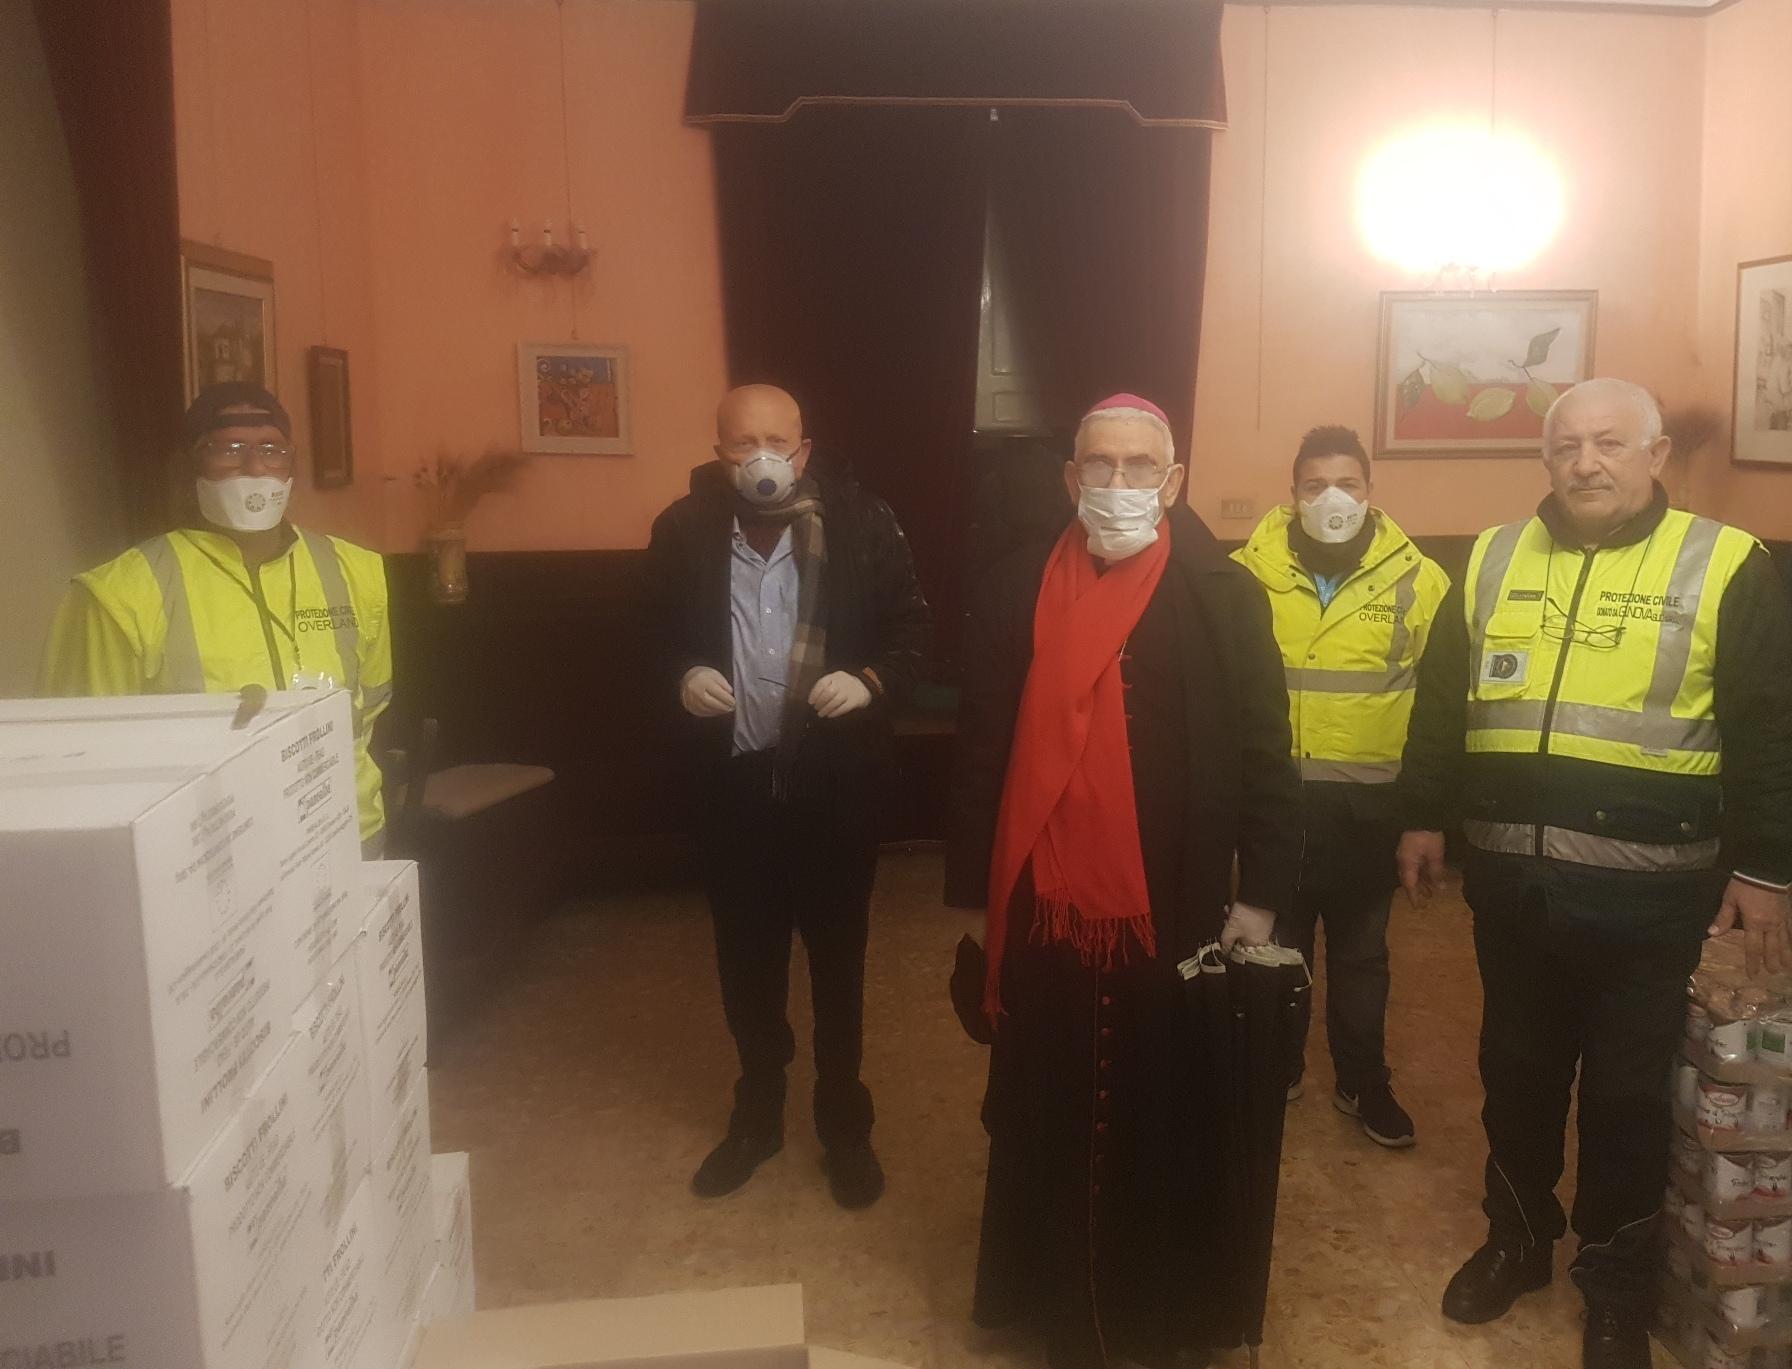 Mascherine, disinfettanti e alimenti: la donazione di monsignor Pennisi